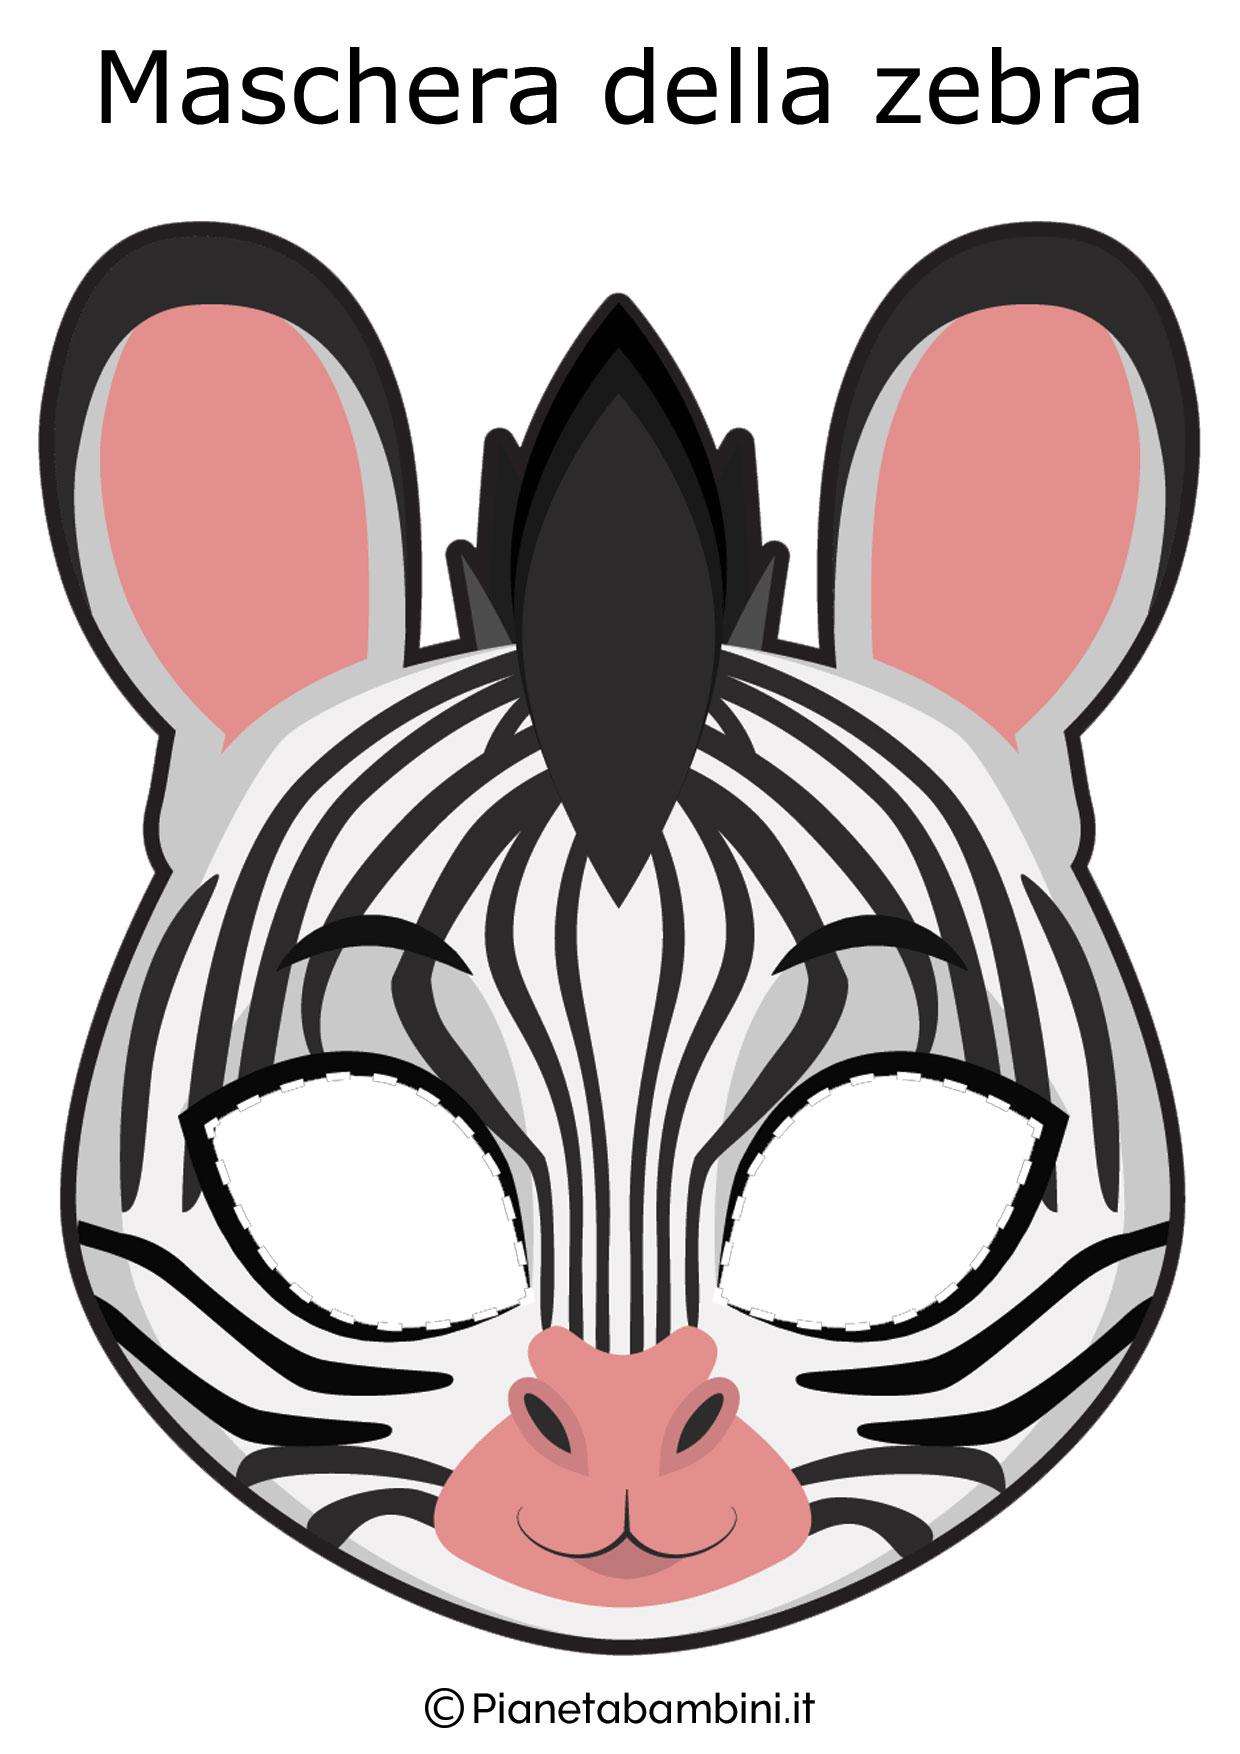 Maschera da zebra da ritagliare